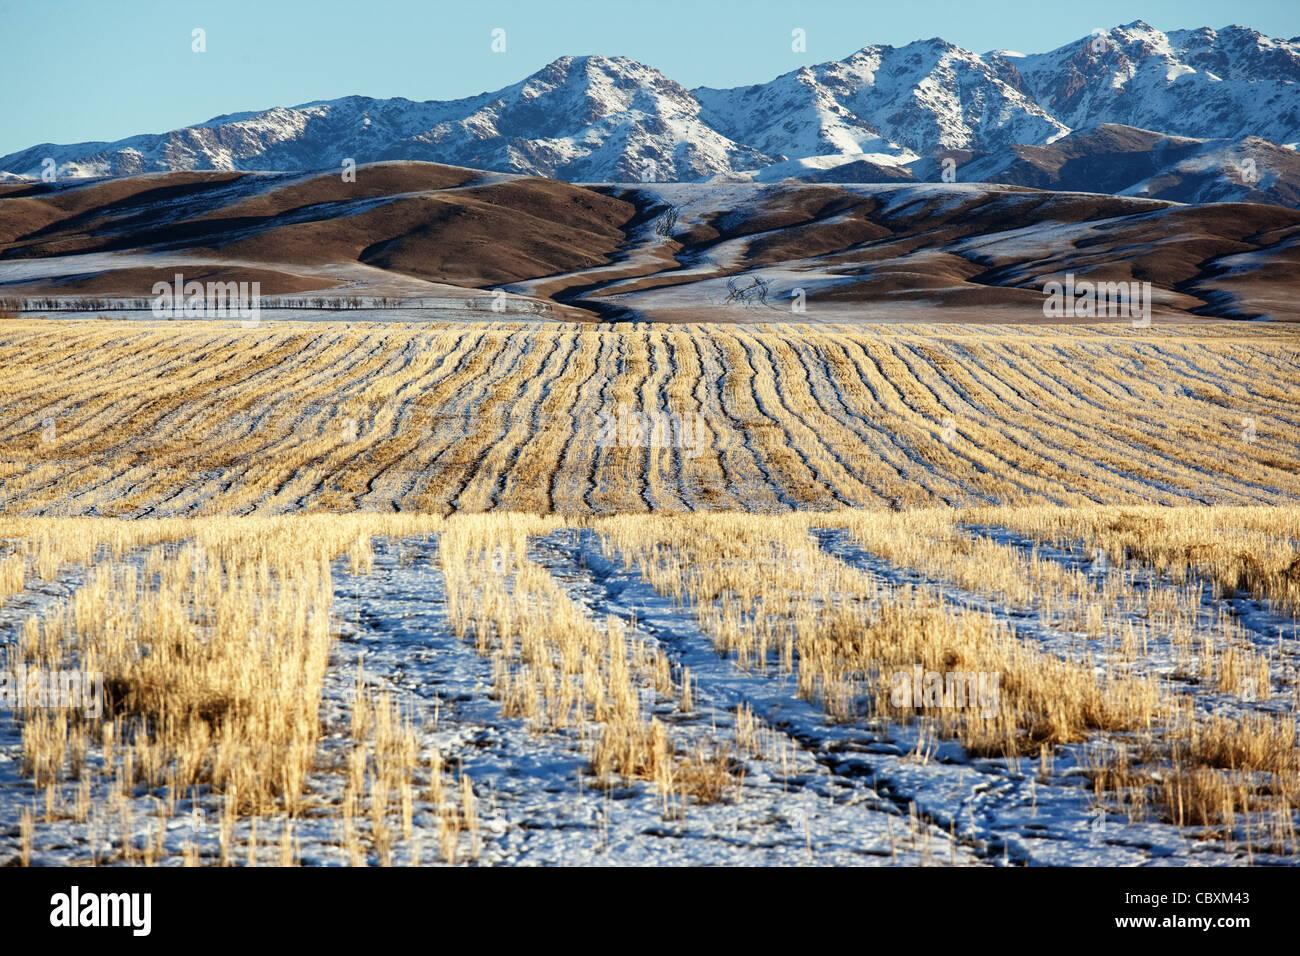 Prima neve sui campi e sulle montagne Immagini Stock